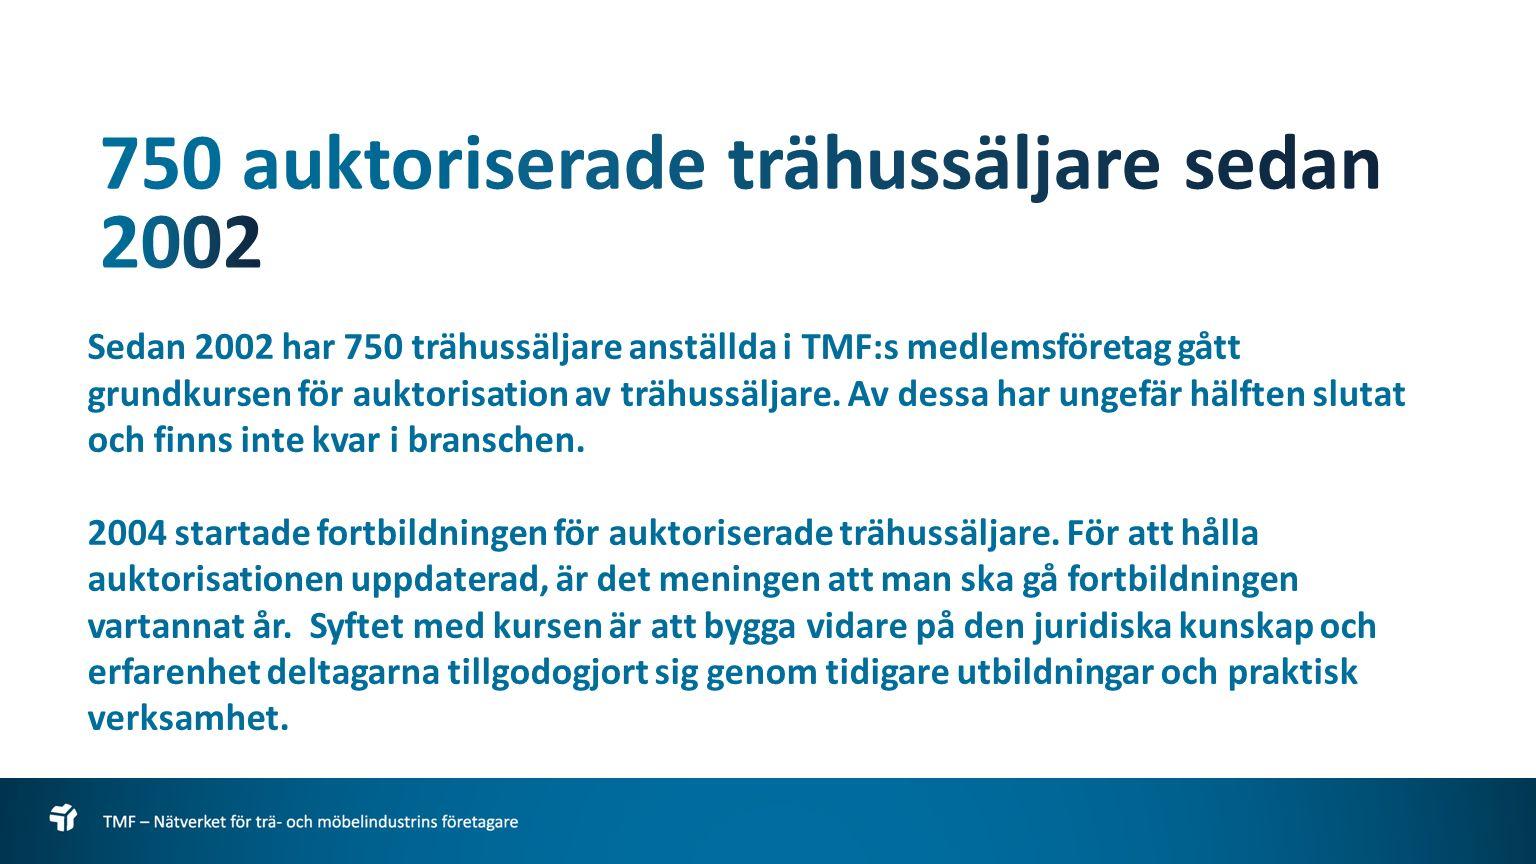 From 2011 avtal med Lindahls advokatfirma.